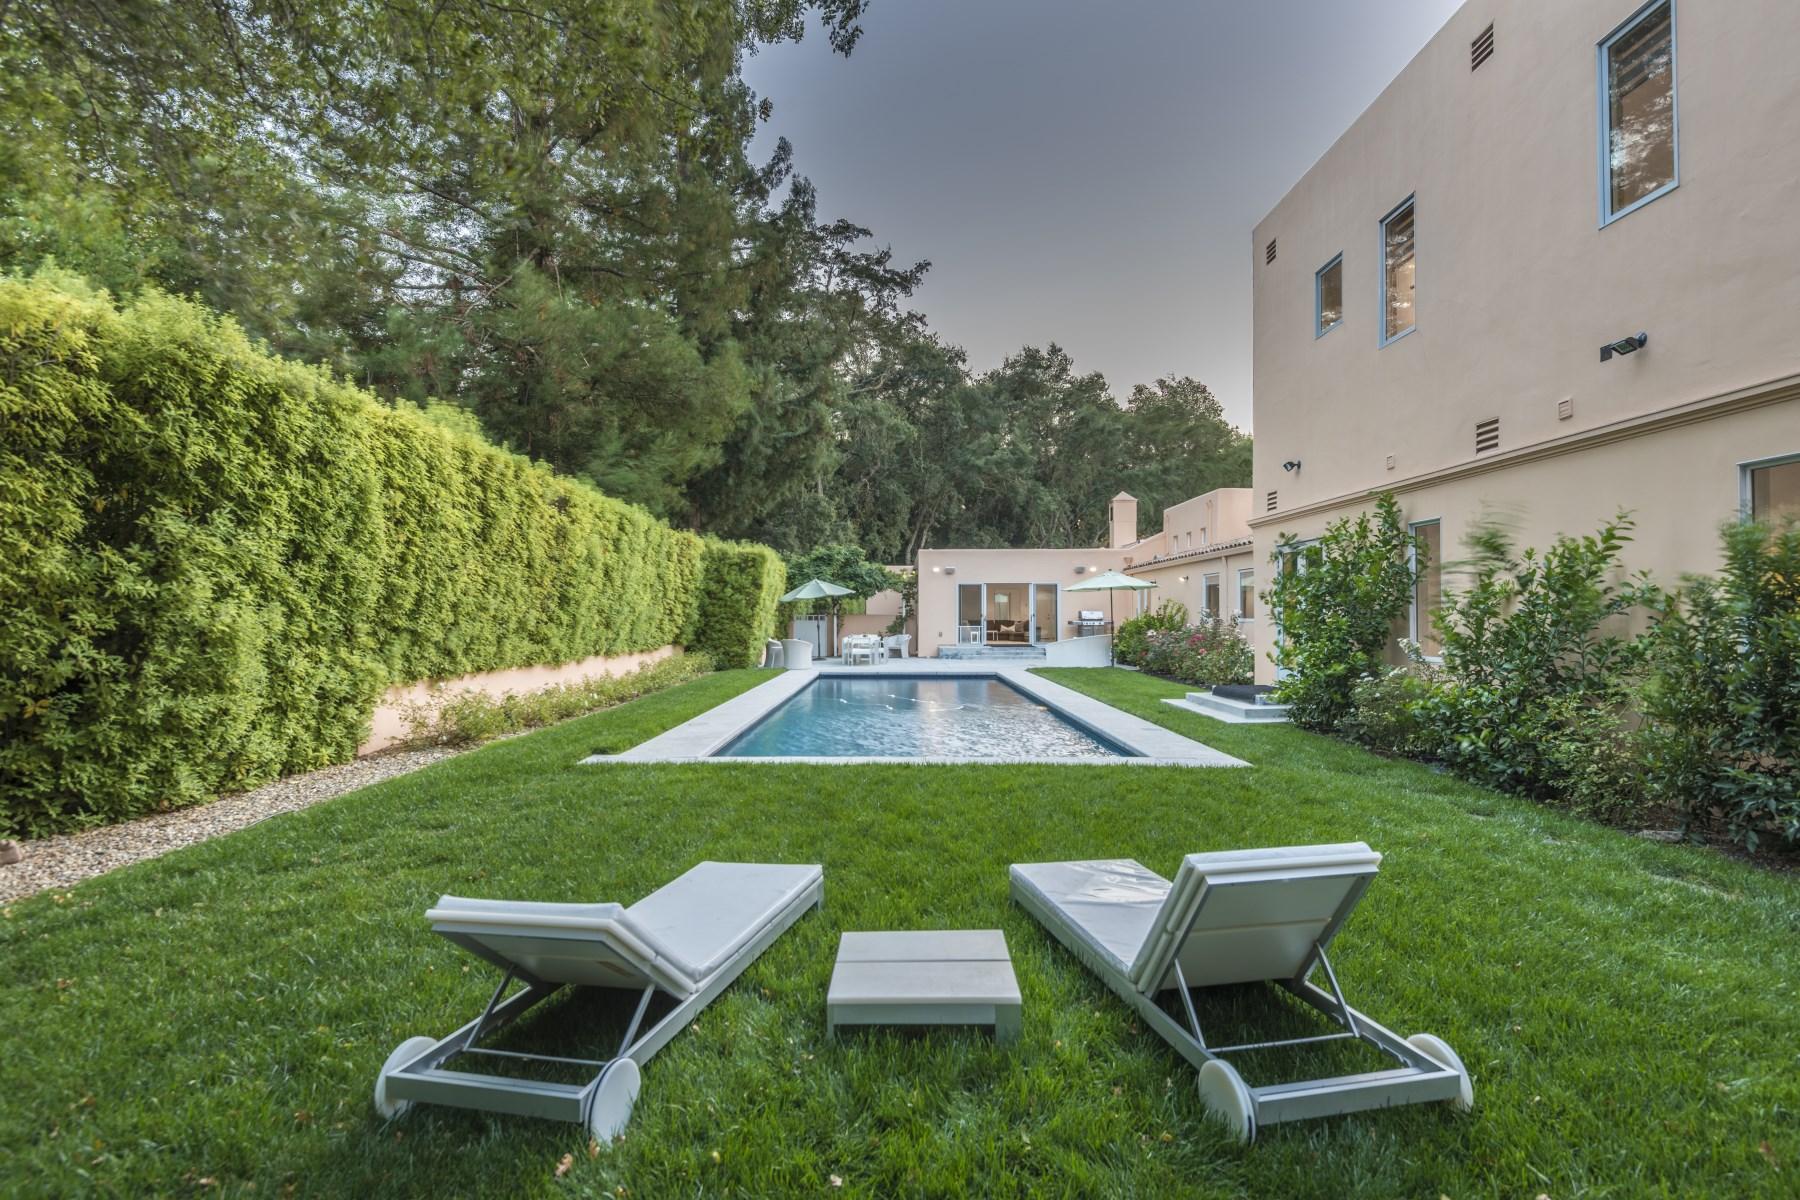 Einfamilienhaus für Verkauf beim Sonoma Modern Living 924 Country Club Lane Sonoma, Kalifornien, 95476 Vereinigte Staaten